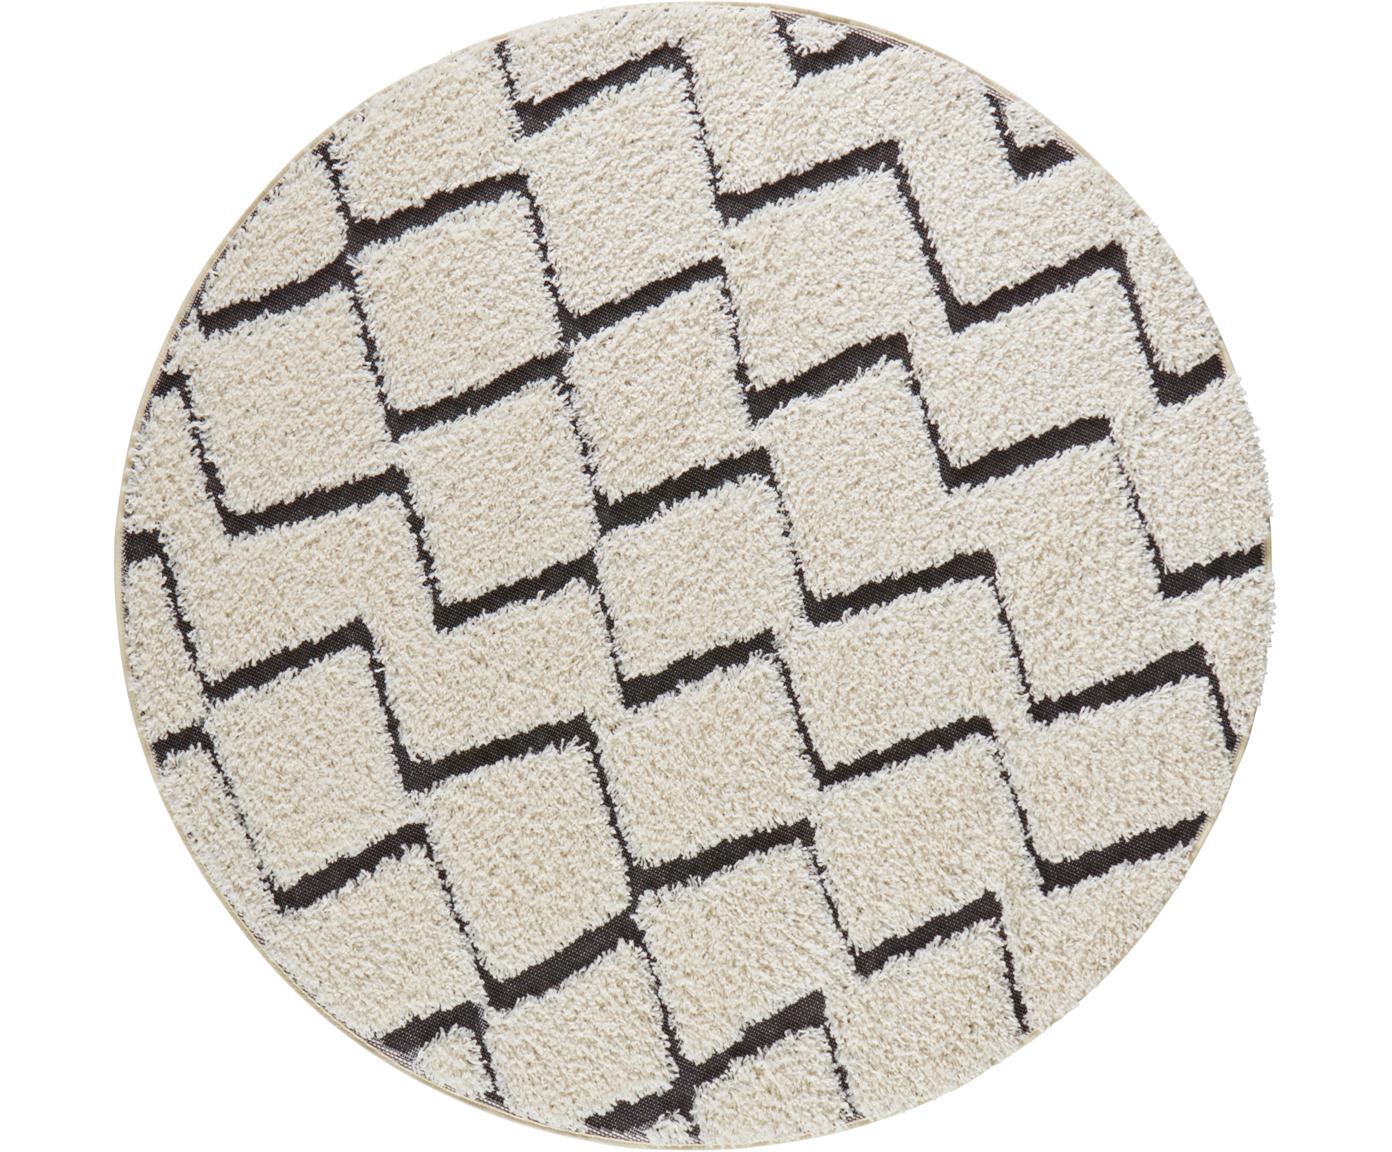 Runder In- & Outdoor-Teppich Dades mit Hoch-Tief-Effekt, Cremefarben, Schwarz, Ø 160 cm (Größe L)